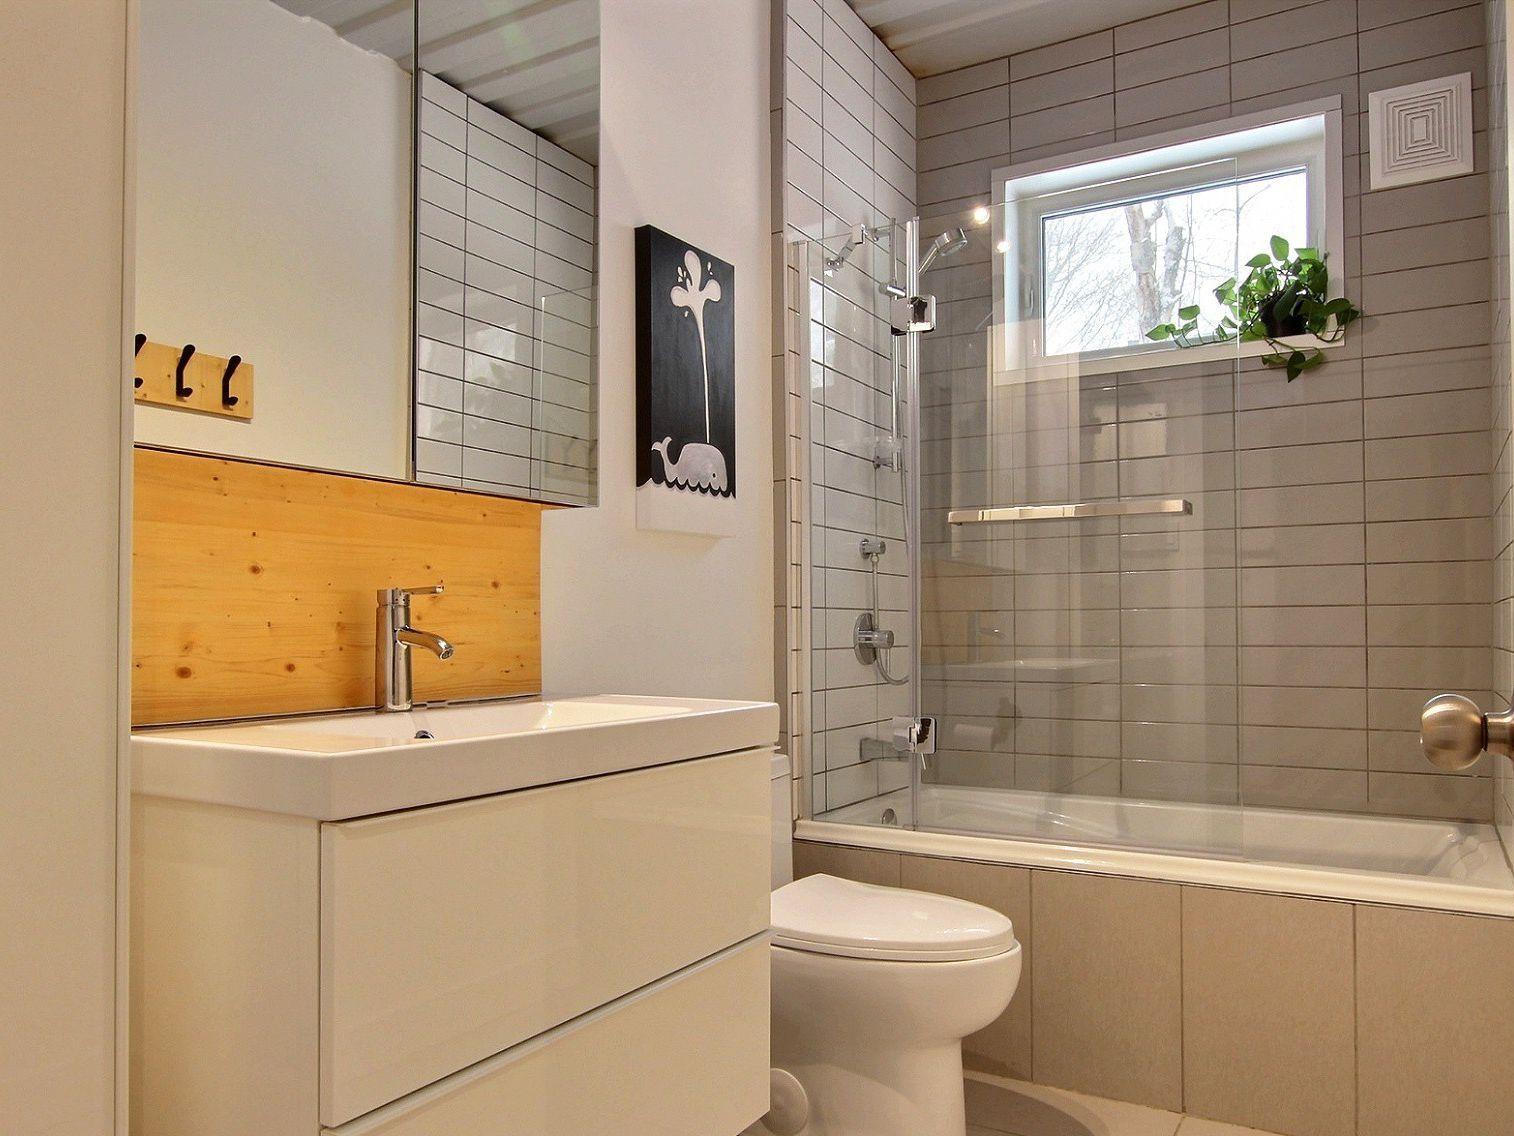 salle-de-bain-maison-a-un-etage-et-demi-a-vendre-rigaud-quebec-province-1600-8478613.jpg